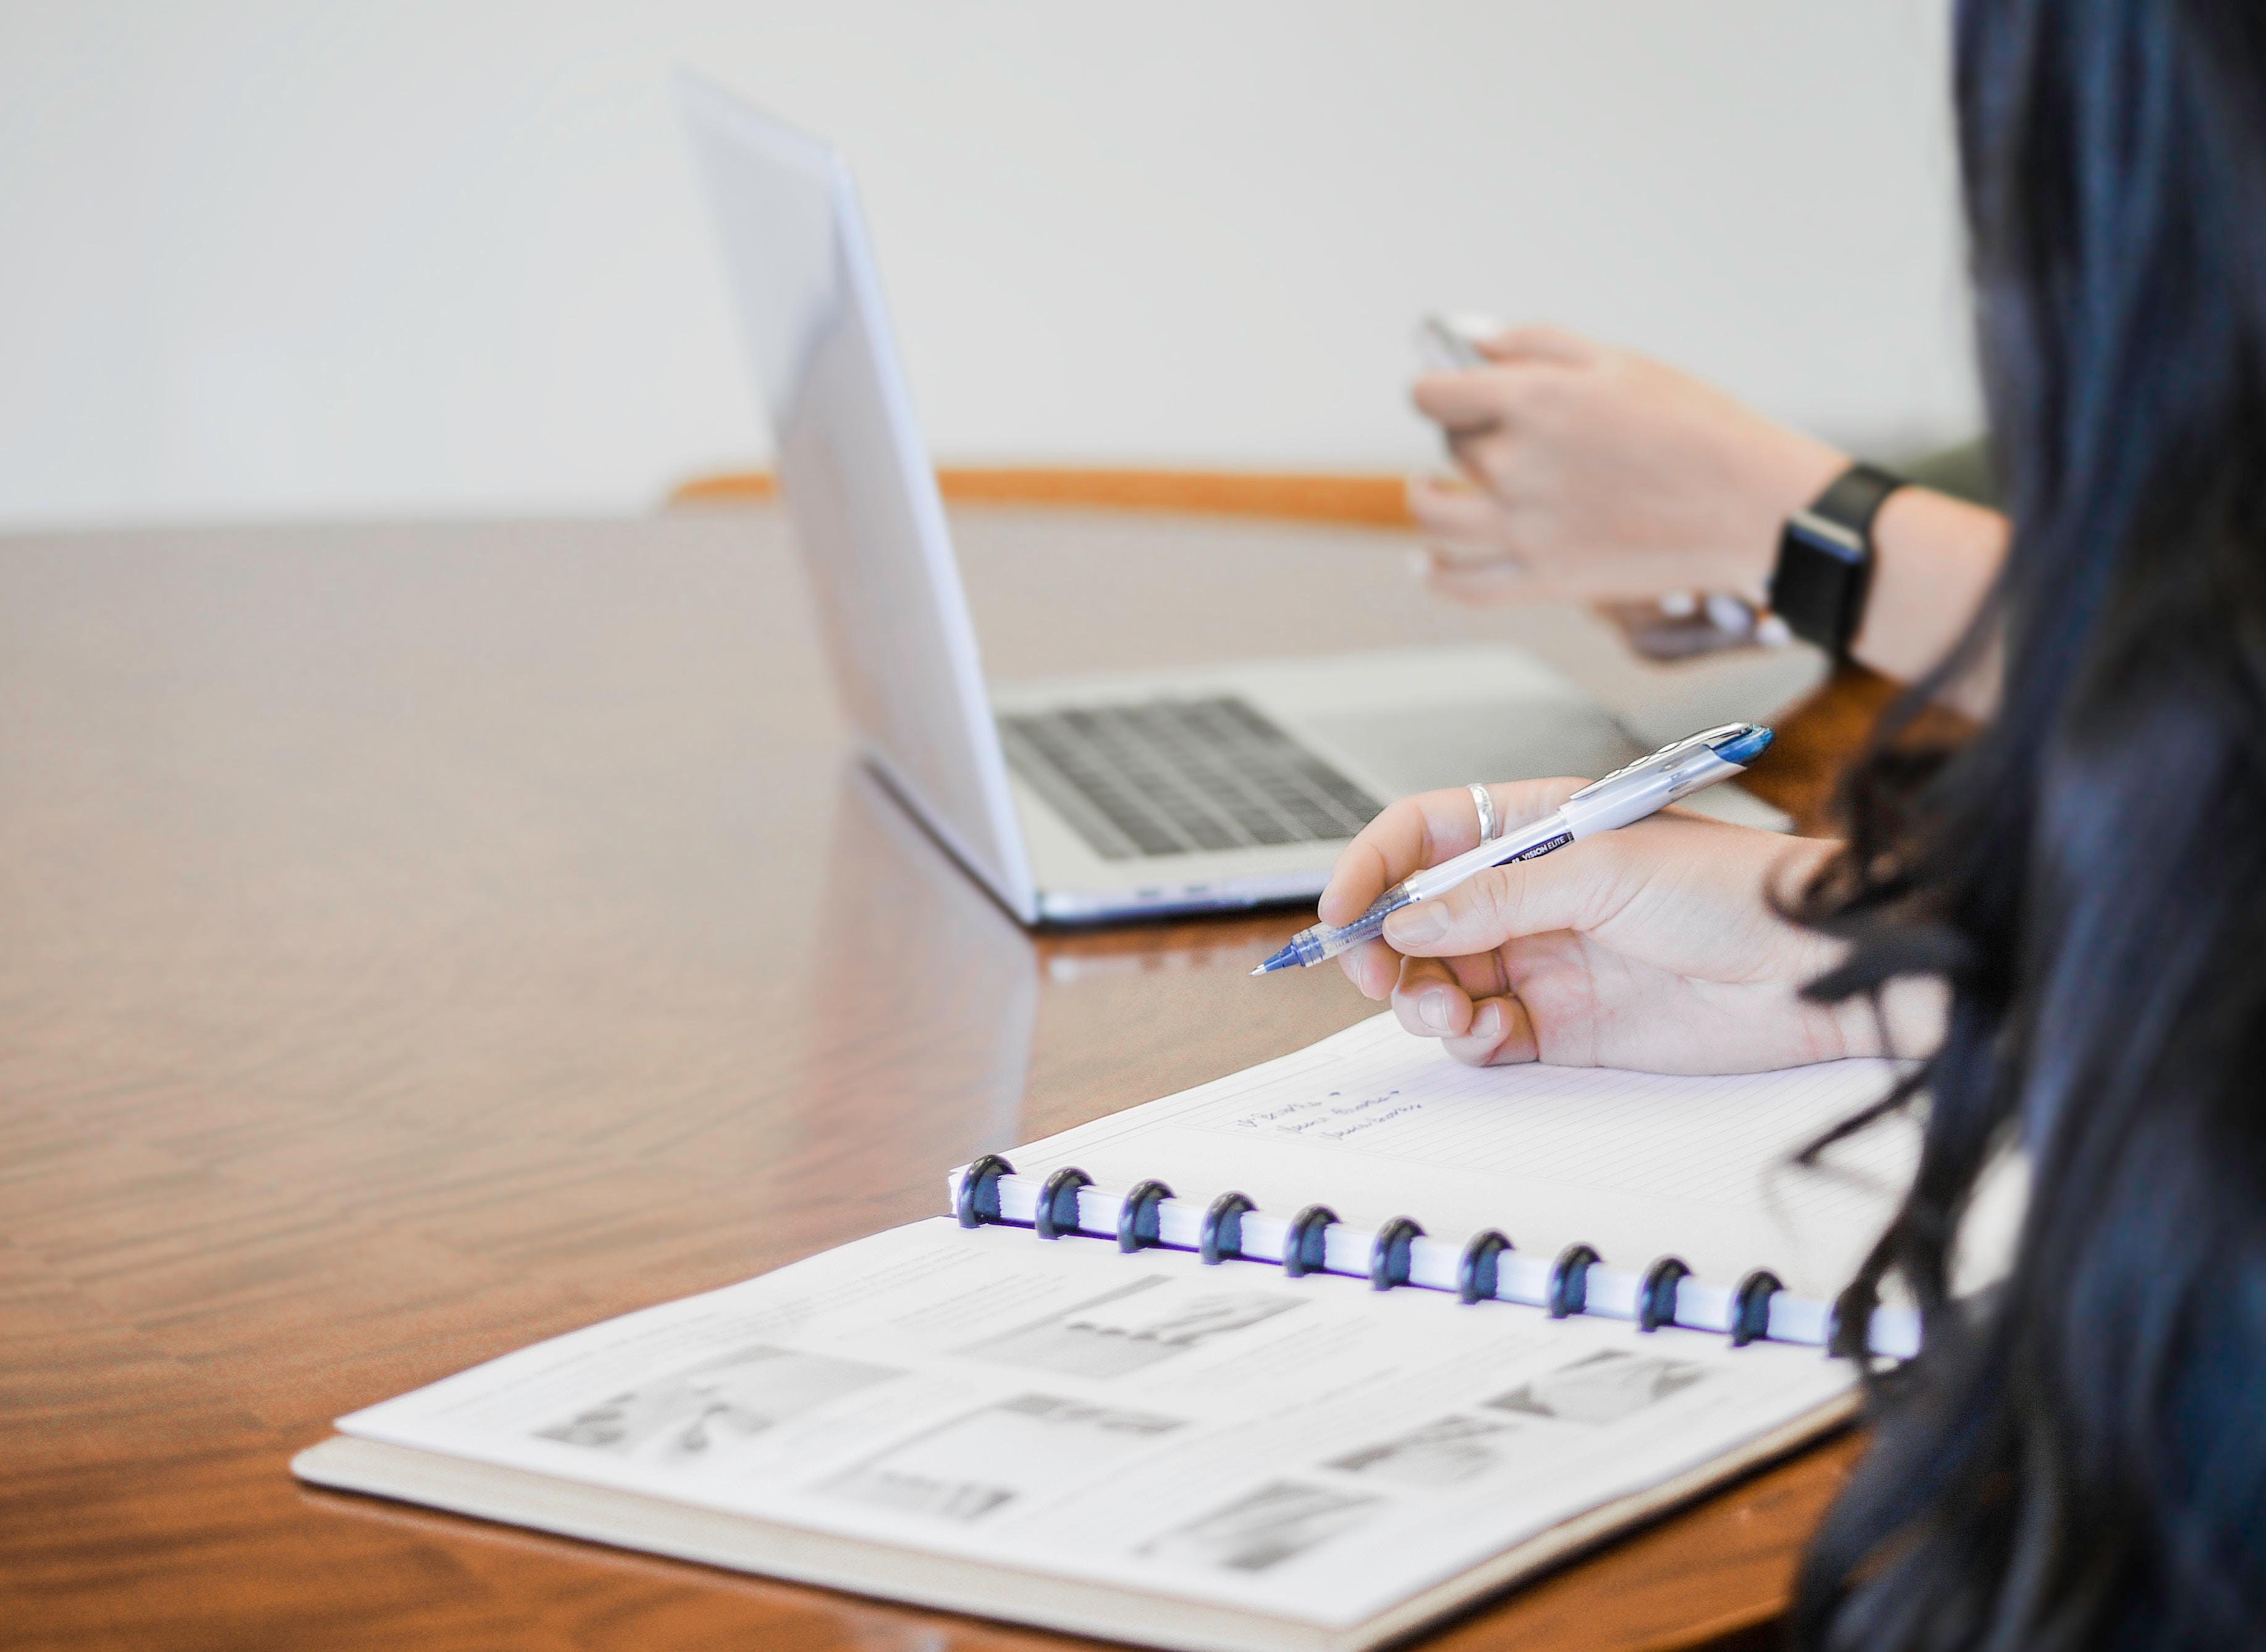 Personer som sitter vid bord med kalender och dator och utreder sina möjligheter att utnyttja rutavdraget för flytt